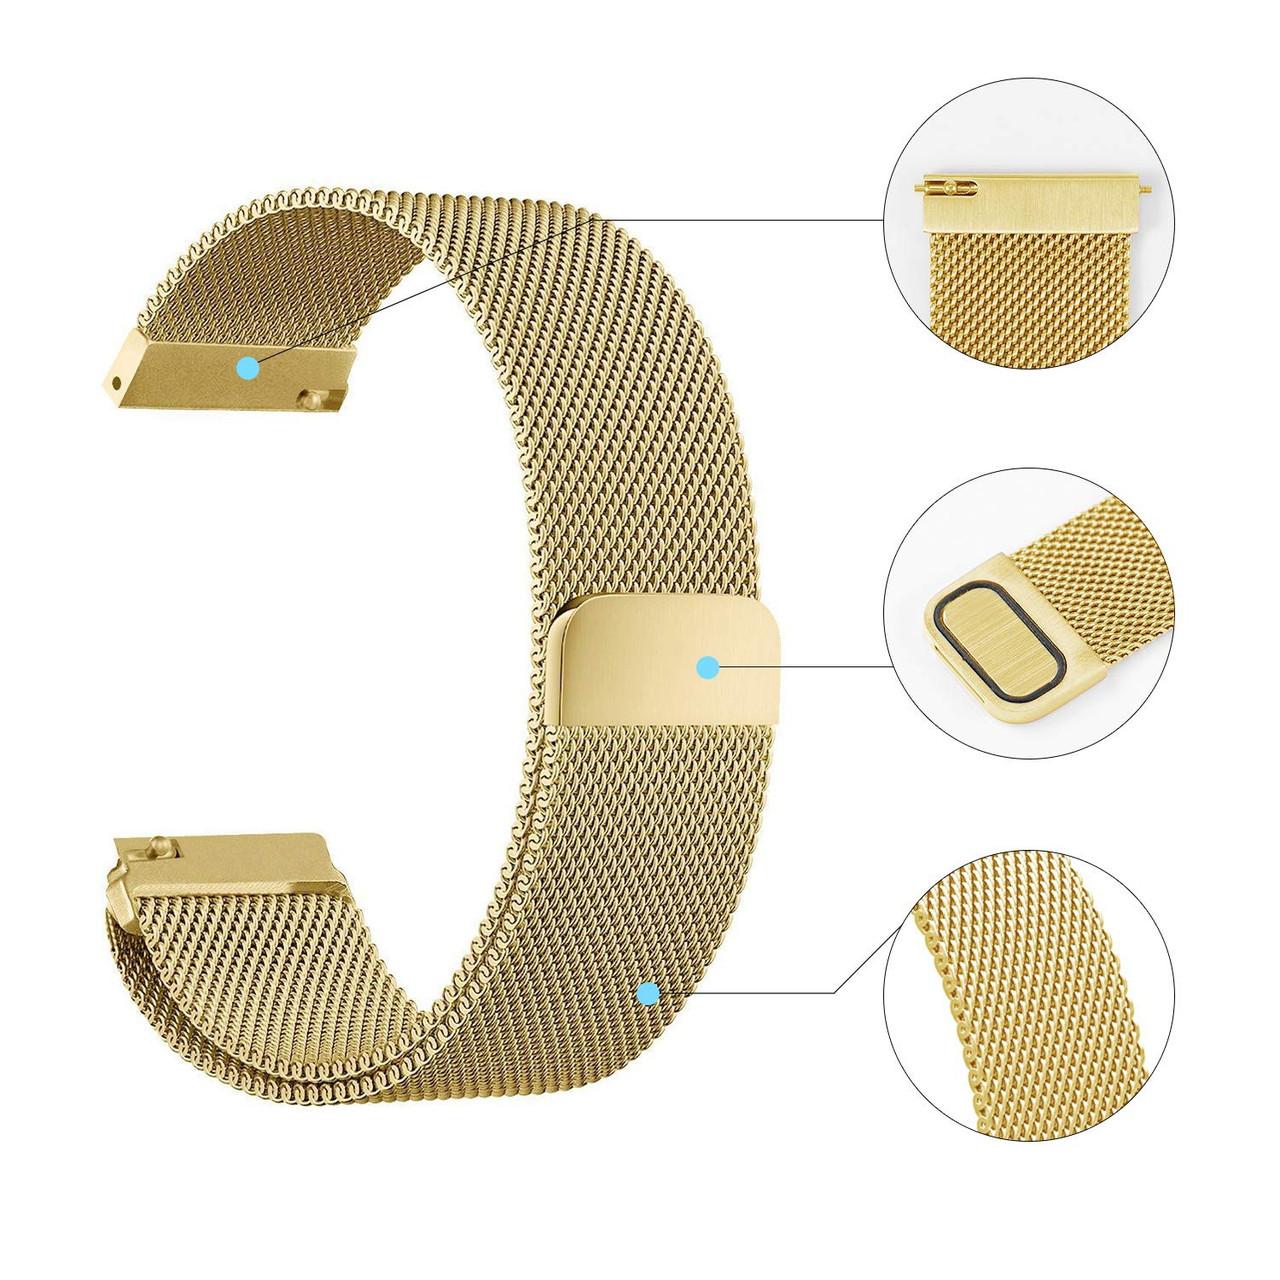 Ремешок универсальный шириной 20мм BeWatch миланская петля | milanesse loop для смарт-часов Золотой (1010228)